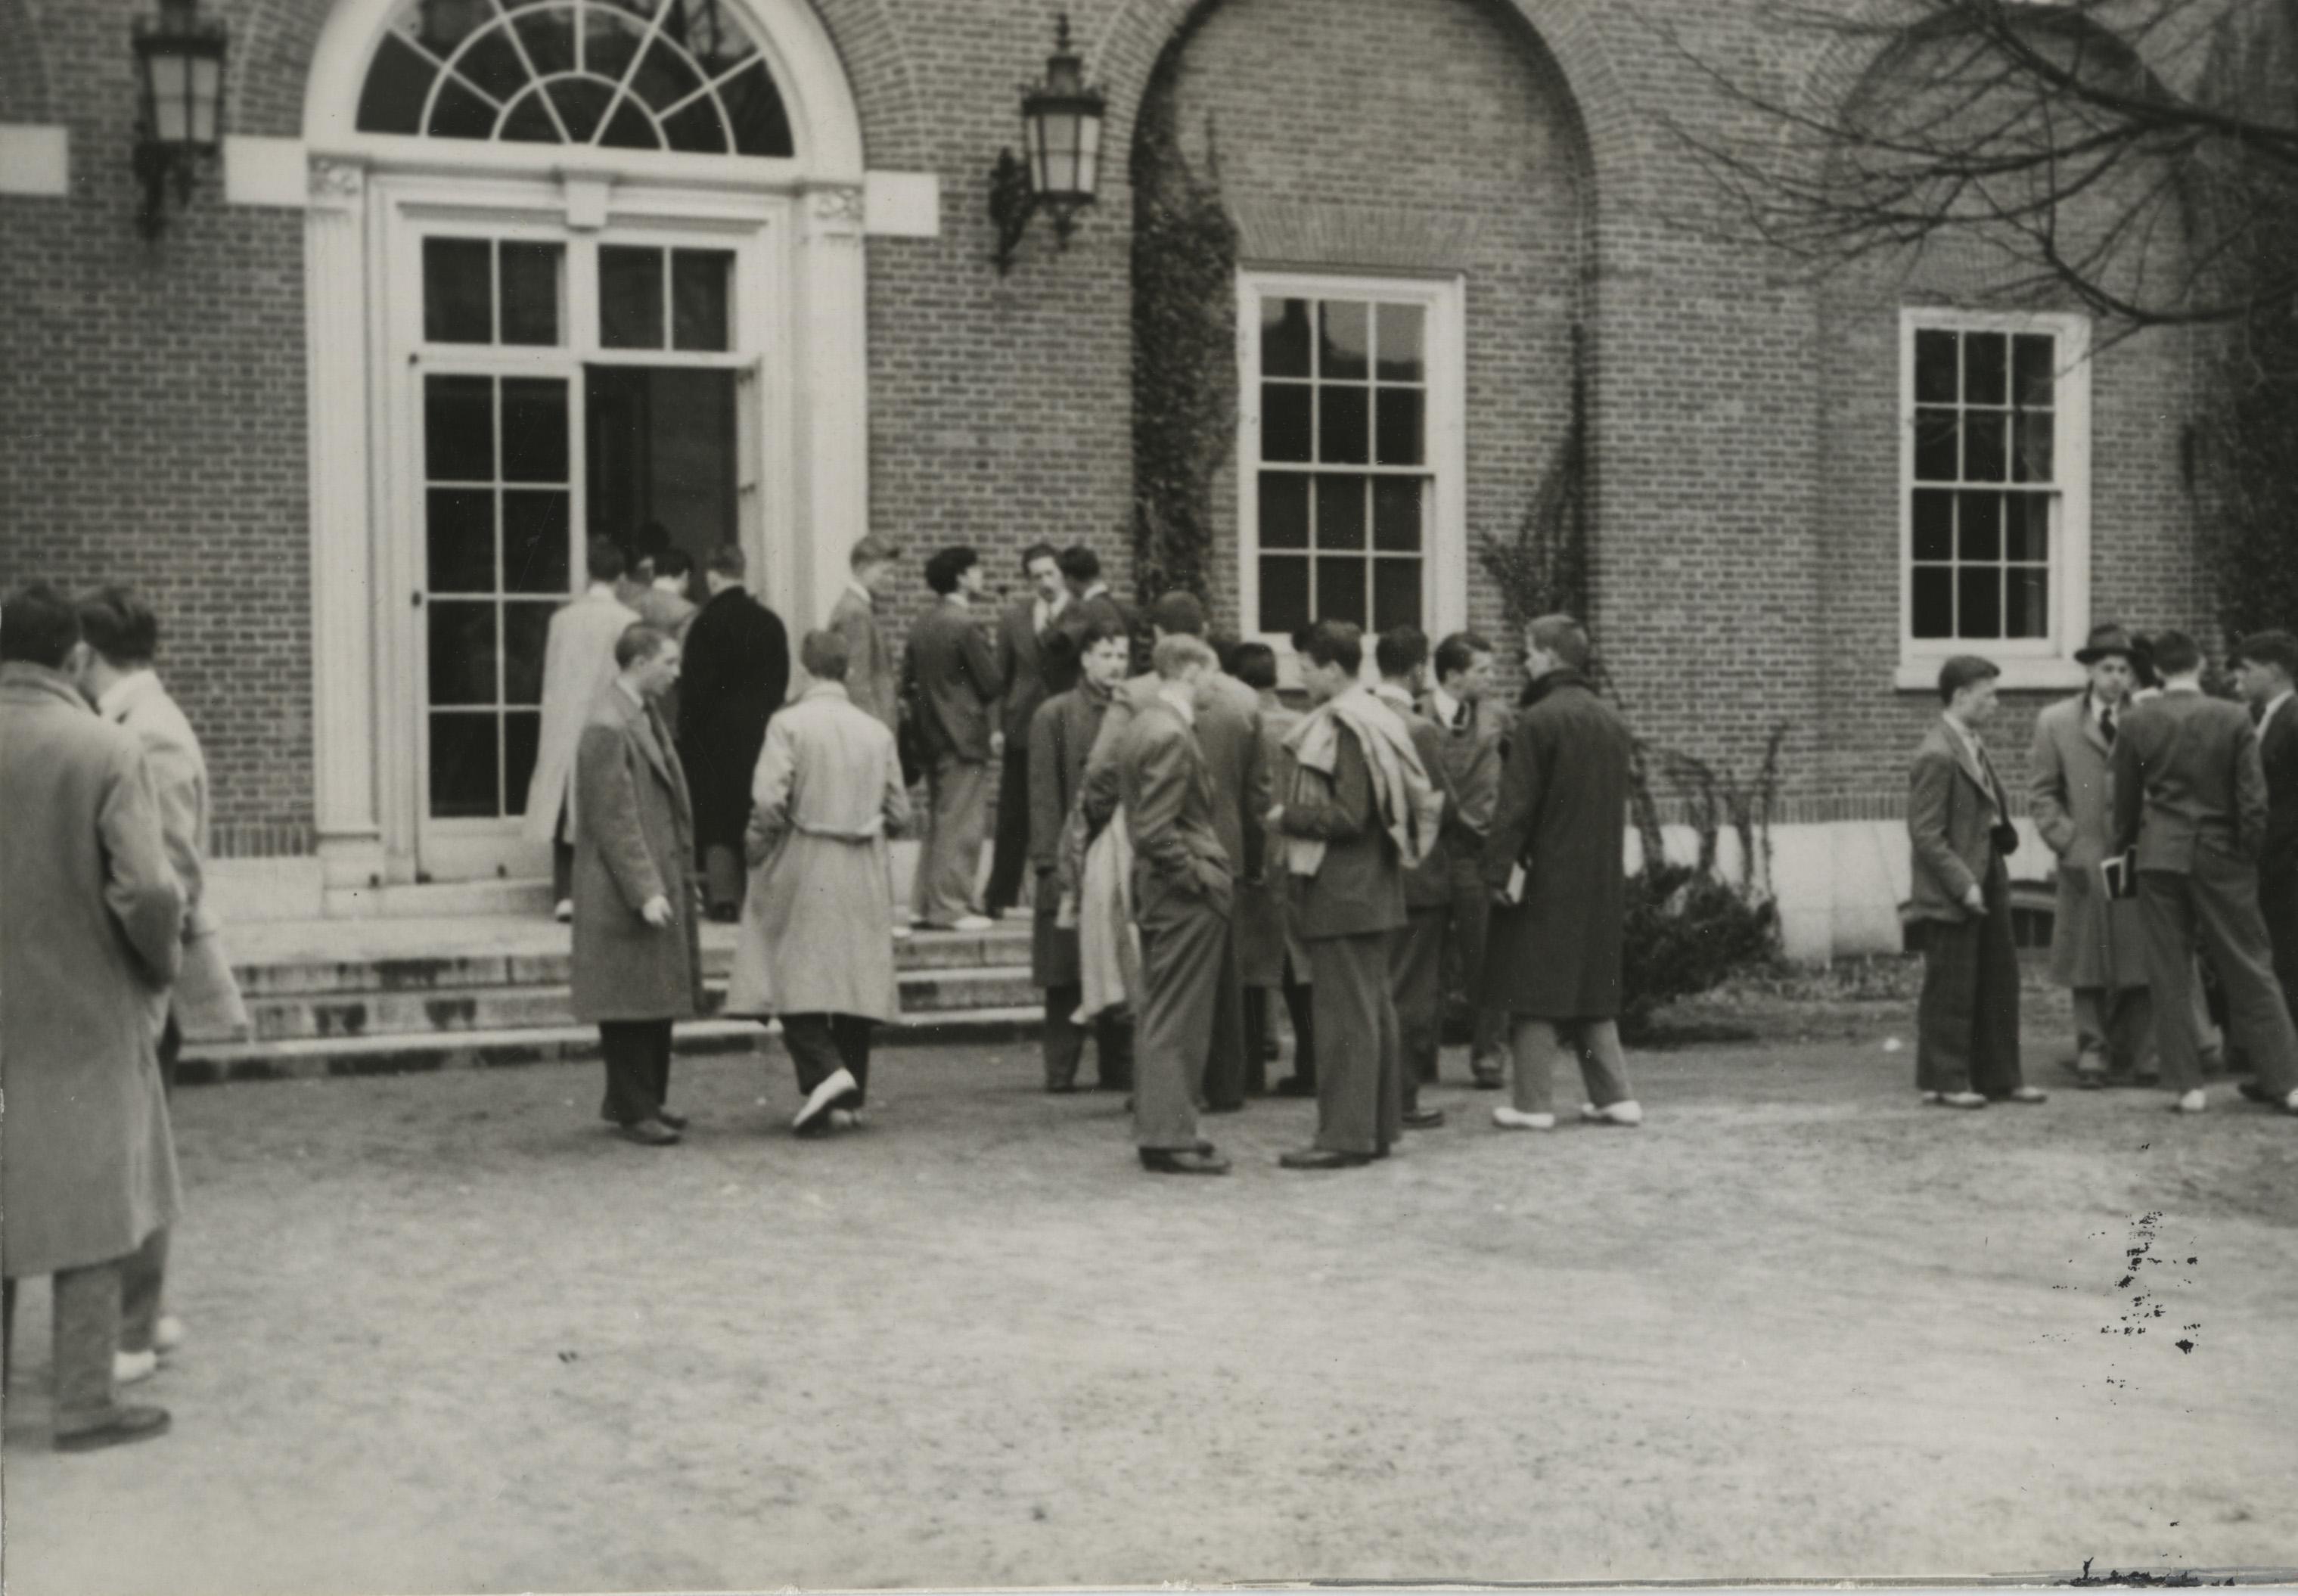 Commons, 1940s